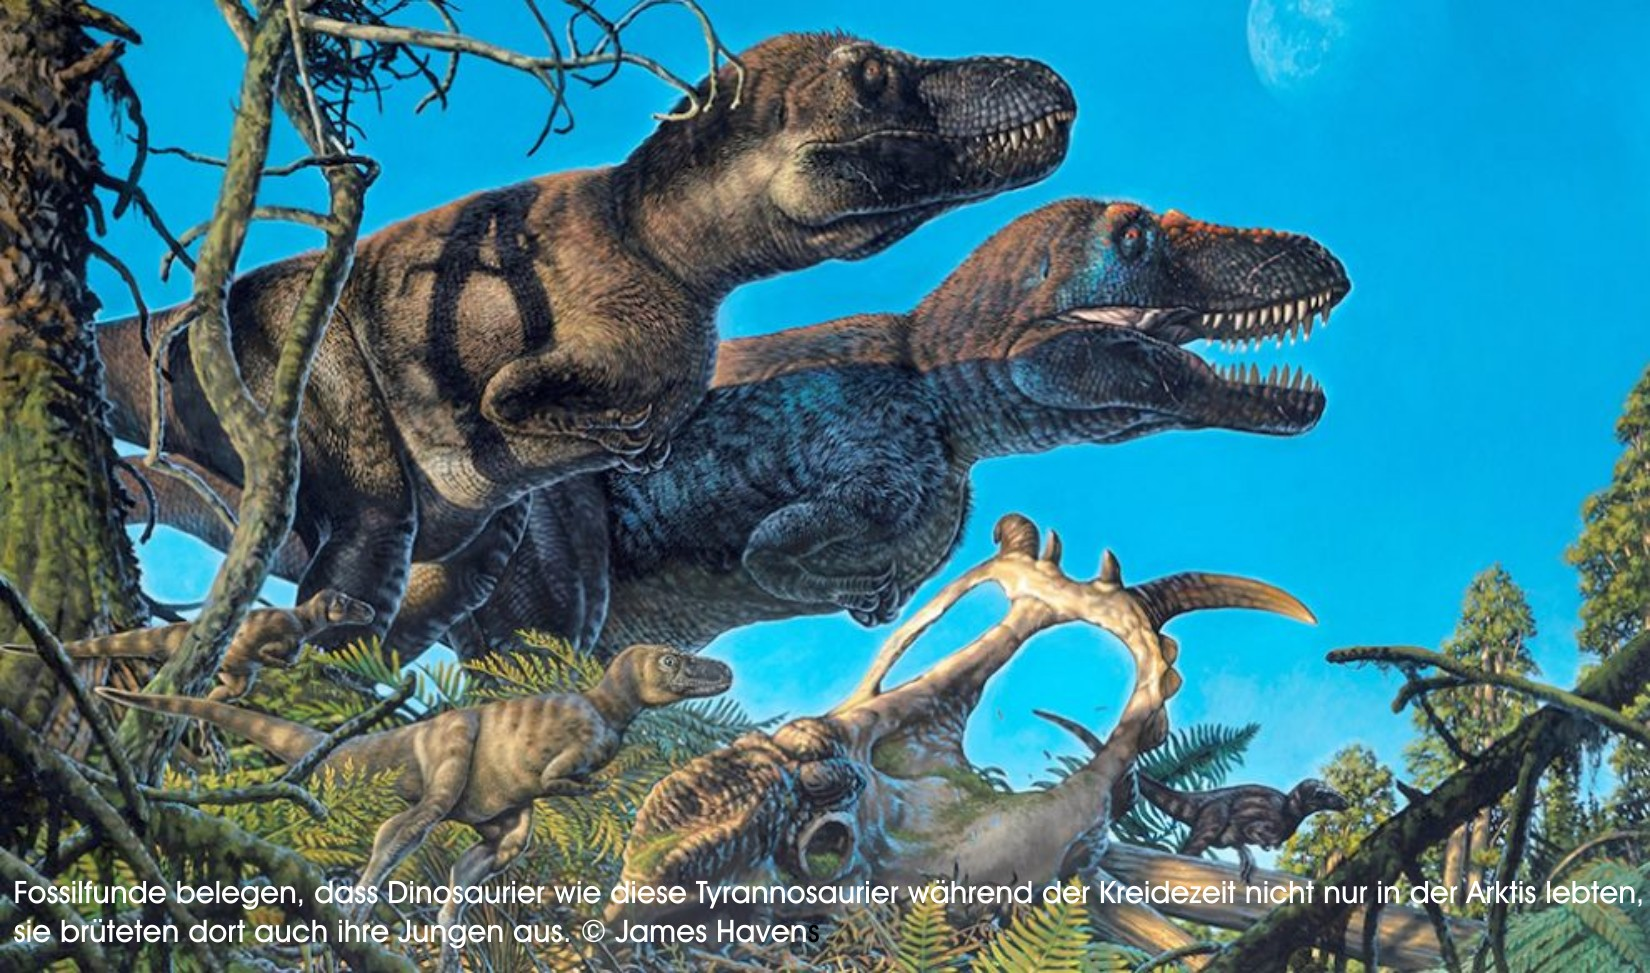 Dinosaurier nisteten sogar in der Arktis